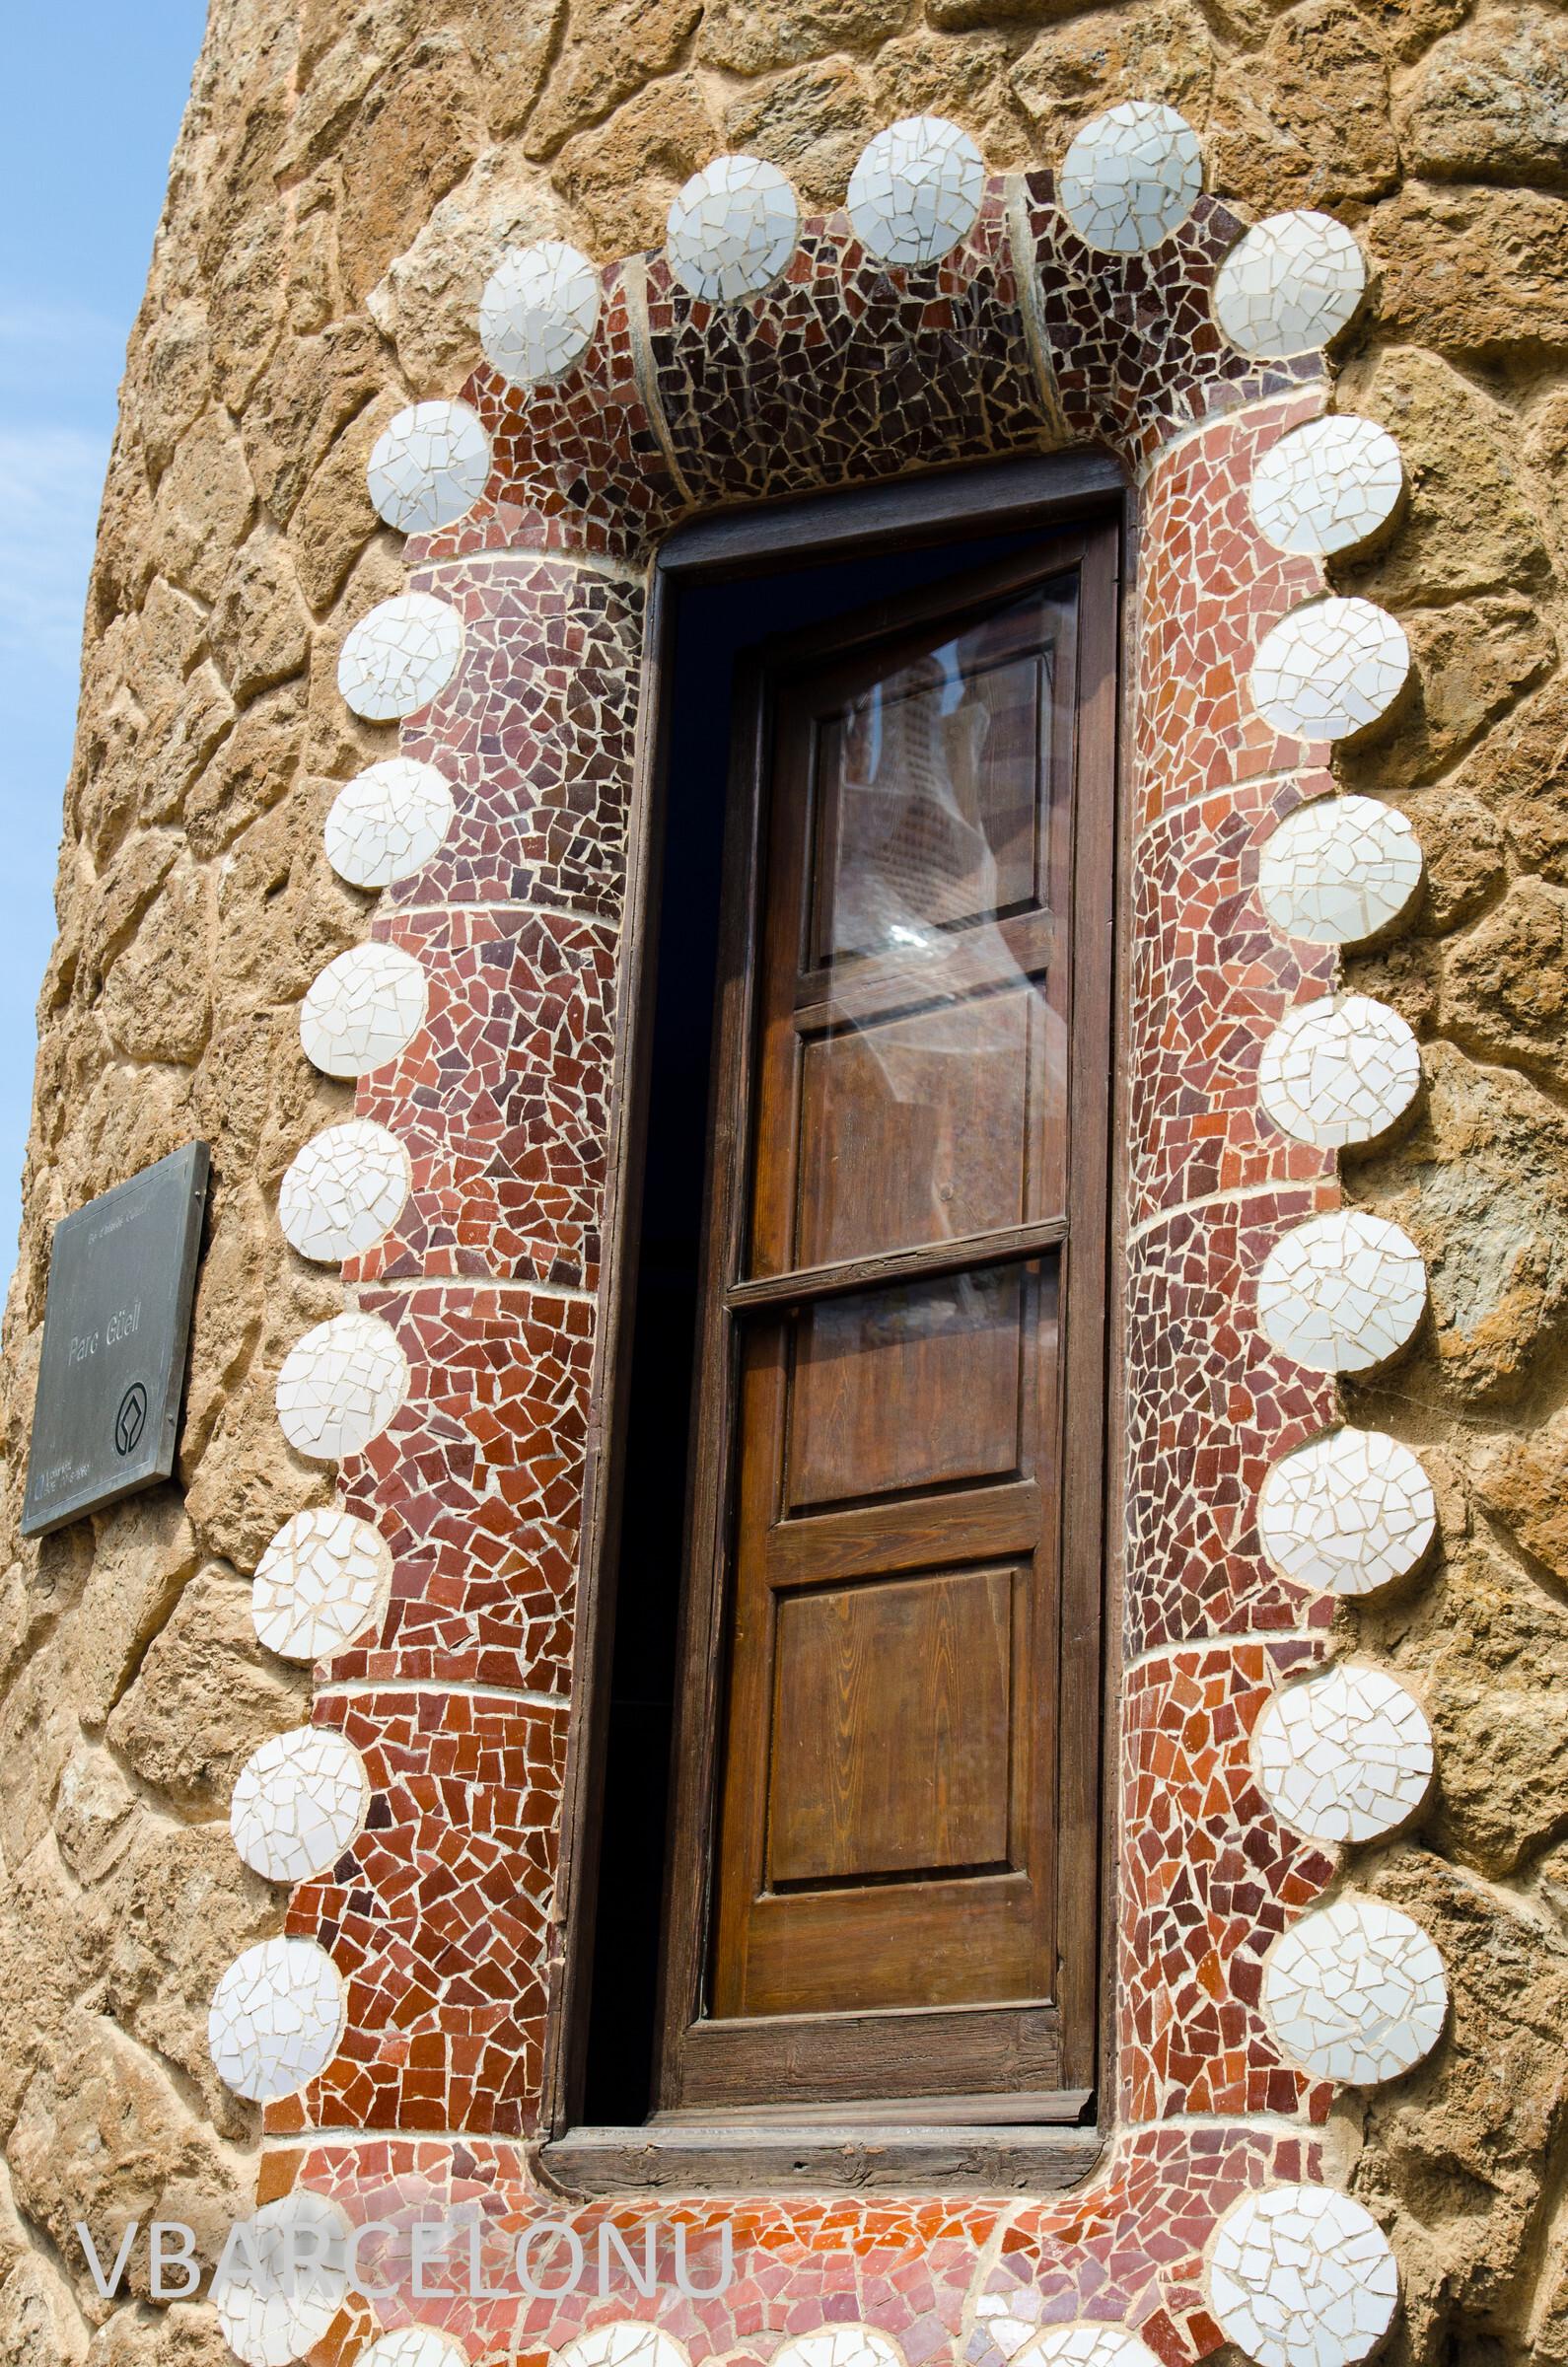 """Ставни на окне в """"Пряничных домиках"""", Барселона. Парк Гуэль"""